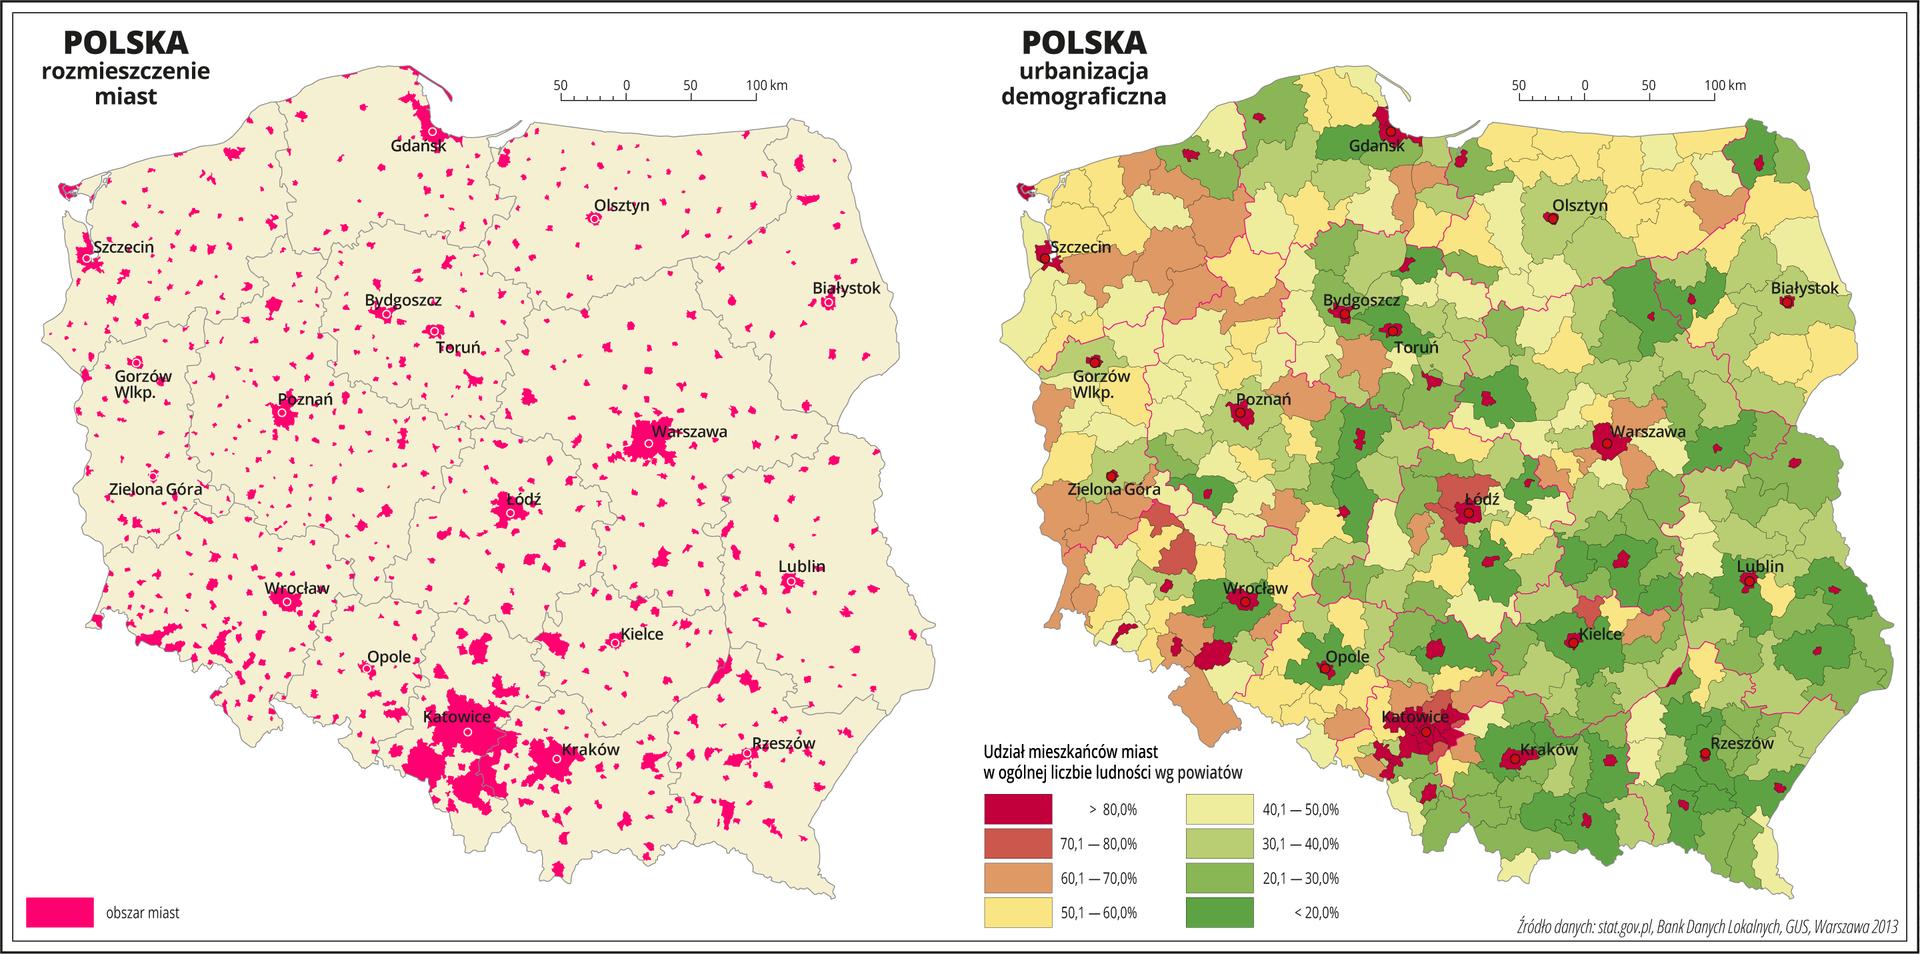 Ilustracja przedstawia dwie mapy Polski. Pierwsza mapa przedstawia rozmieszczenie miast wPolsce. Oznaczono je kolorem czerwonym, zachowując zarysy kształtów miast. Największe skupisko miast występuje wwojewództwie śląskim. Najmniejsza liczba miast występuje wwojewództwach wschodnich ipółnocnych. Na drugiej mapie przedstawiono udział mieszkańców miast wogólnej liczbie ludności według powiatów. Granice województw zaznaczone są czerwoną linią. Granice powiatów zaznaczone są czarną linią. Odcieniami koloru czerwonego, pomarańczowego iżółtego oznaczono powiaty, wktórych udział mieszkańców miast wogólnej liczbie mieszkańców przekracza pięćdziesiąt procent, aodcieniami koloru zielonego przedstawiono powiaty, wktórych udział ludności miejskiej wynosi poniżej pięćdziesięciu procent. Kolor zielony dominuje wpołudniowej iwschodniej części kraju. Najciemniejszy odcień koloru czerwonego obrazujący ponad osiemdziesięcioprocentowy udział ludności miejskiej występuje wpowiatach na prawach miejskich iwprzeważającej części województwa śląskiego. Jaśniejsze odcienie koloru czerwonego ikolor pomarańczowy przeważają wwojewództwach zachodnich. Czerwonymi kropkami zaznaczono miasta wojewódzkie. Po lewej stronie mapy na dole wlegendzie umieszczono kolorowe prostokąty iopisano udział mieszkańców miast wogólnej liczbie ludności. Kolory czerwone, pomarańczowe iżółte obrazują powyżej pięćdziesięciu procent, akolory zielone – poniżej pięćdziesięciu procent.